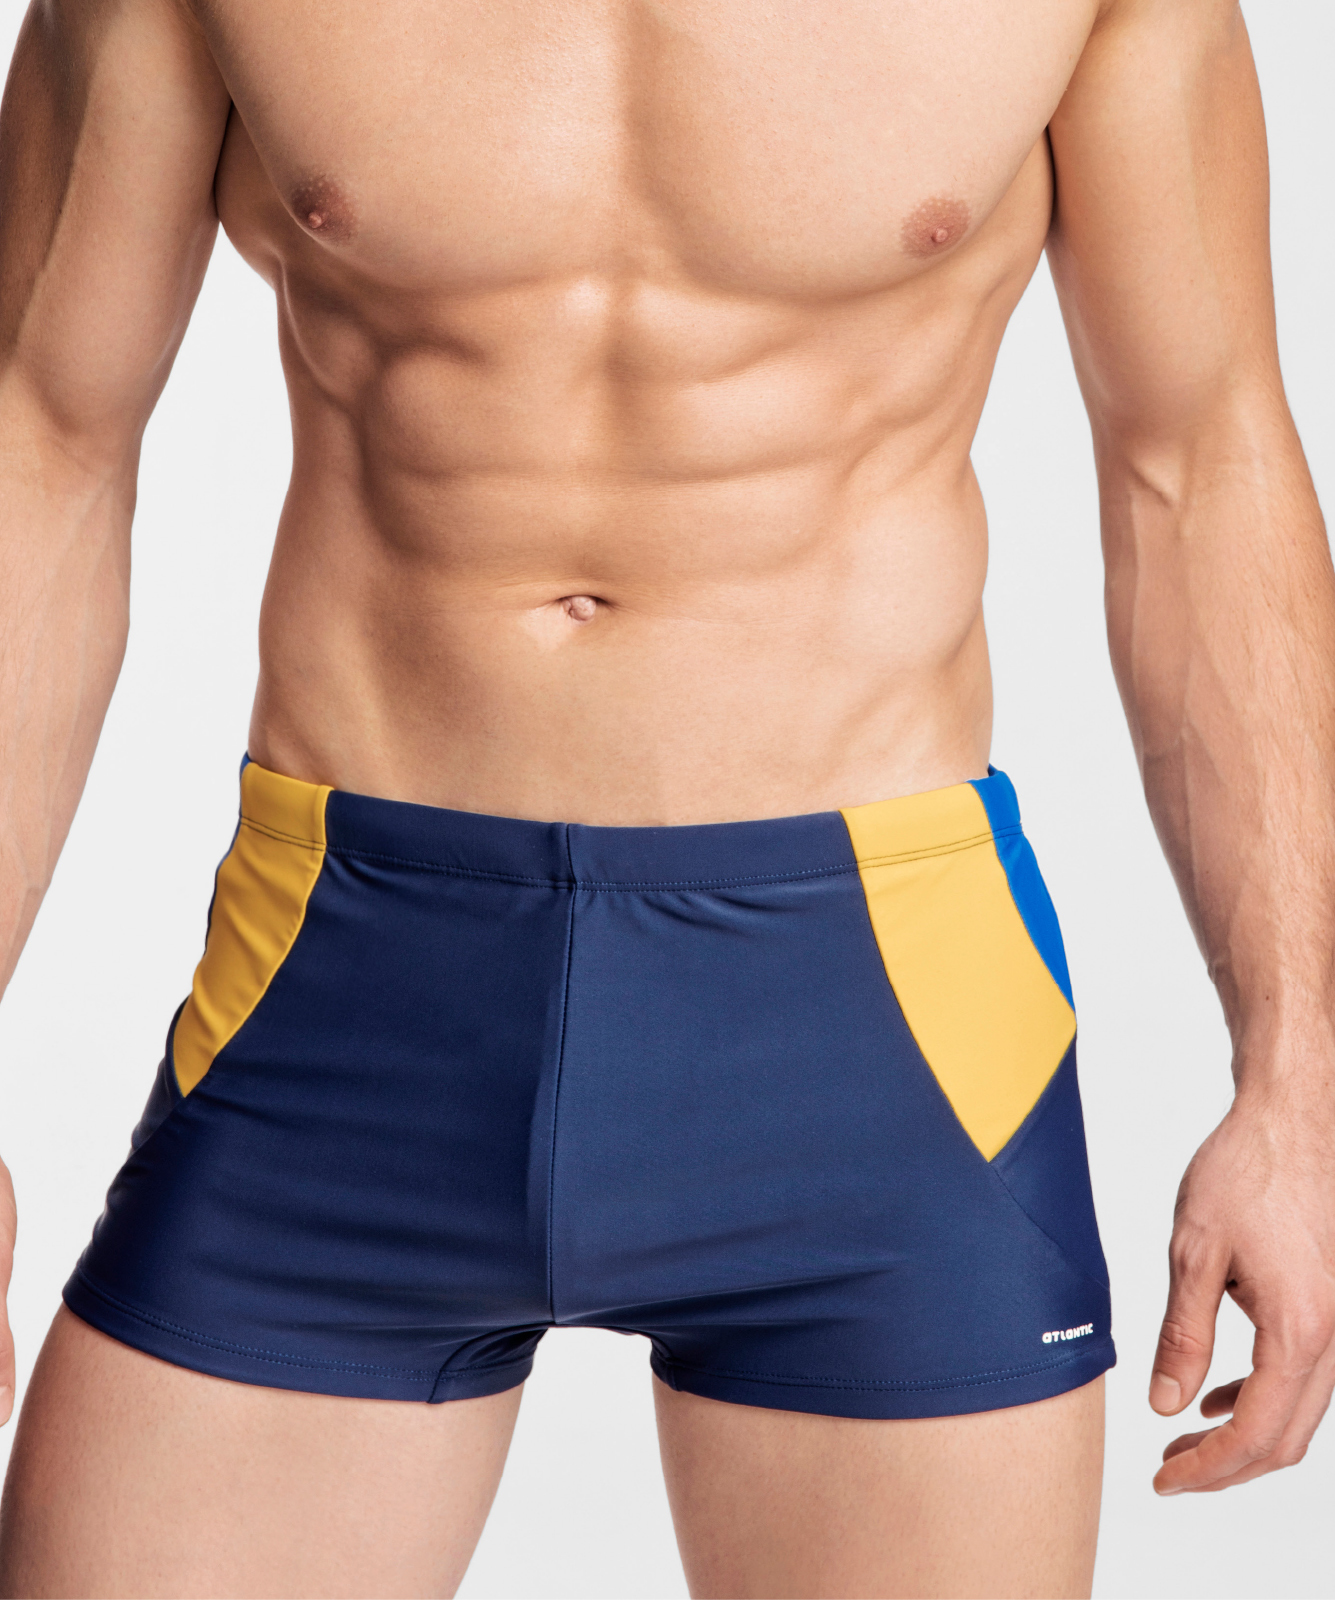 Купальные шорты мужские Atlantic, 1 шт. в уп., полиамид, темно-синие, KMS-312